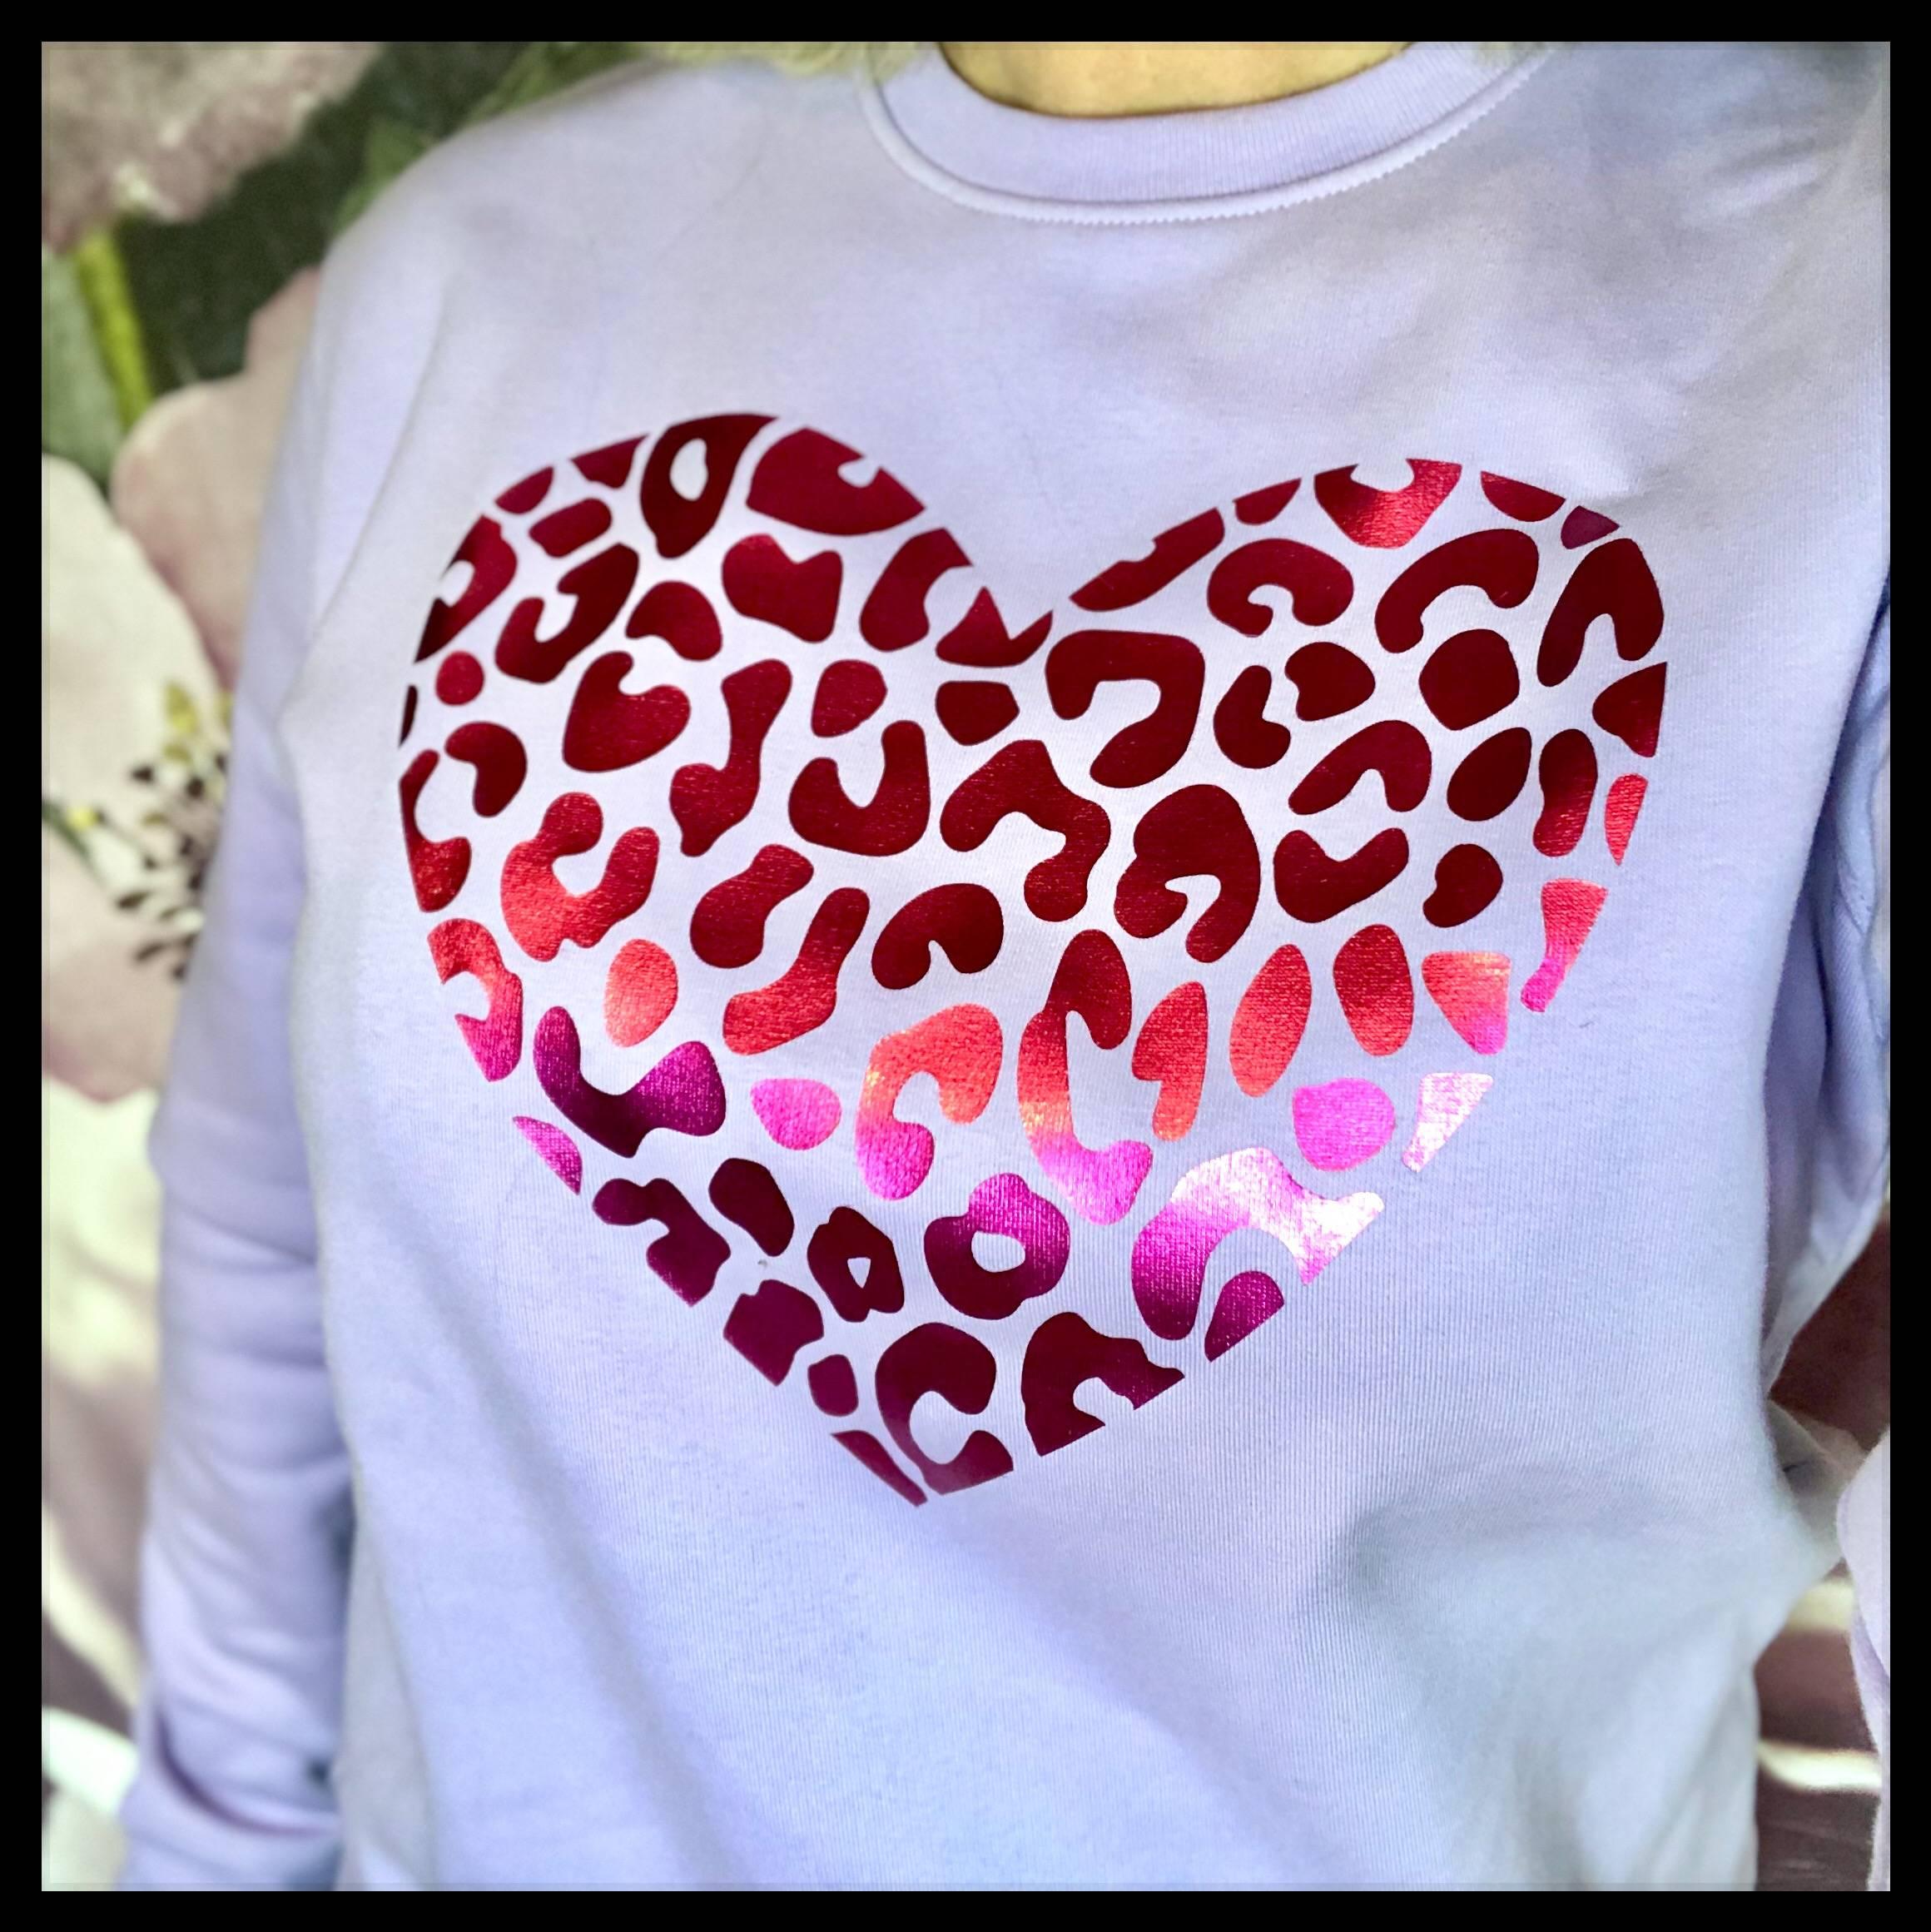 Lilac Leopard Heart Sweatshirt